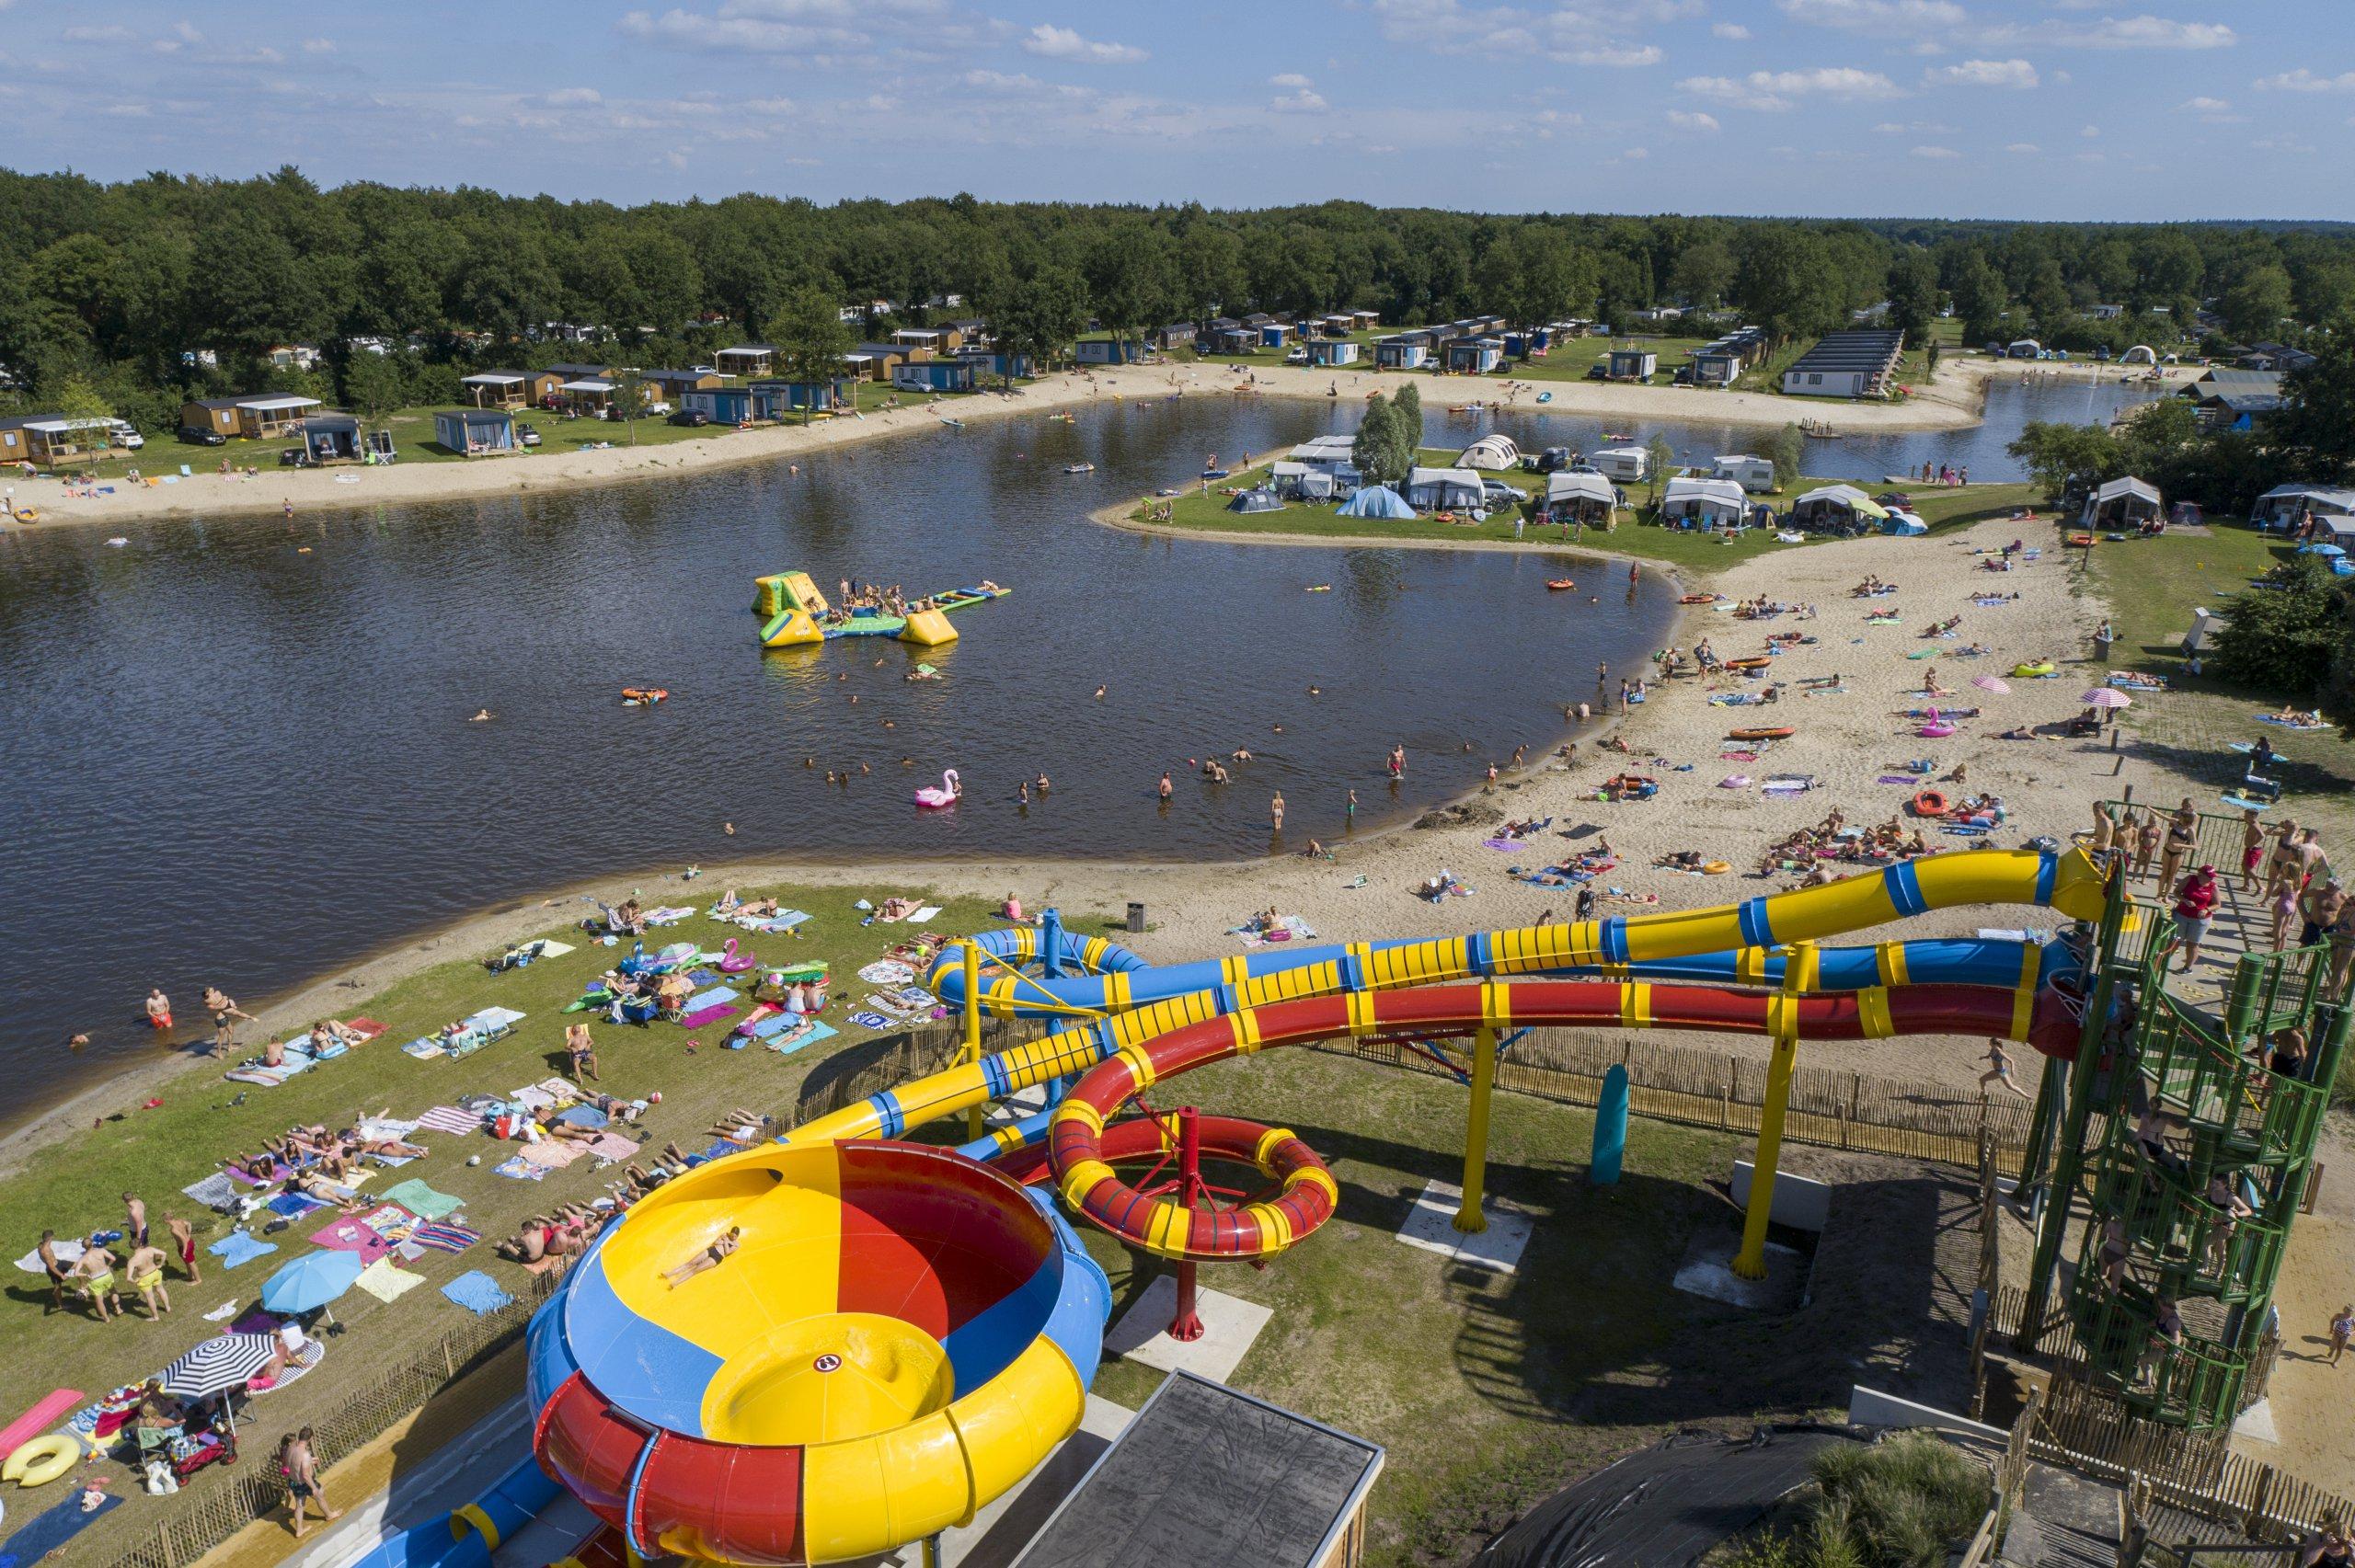 Horeca op camping met een ruim aanbod - Vakantiepark met glijbanen